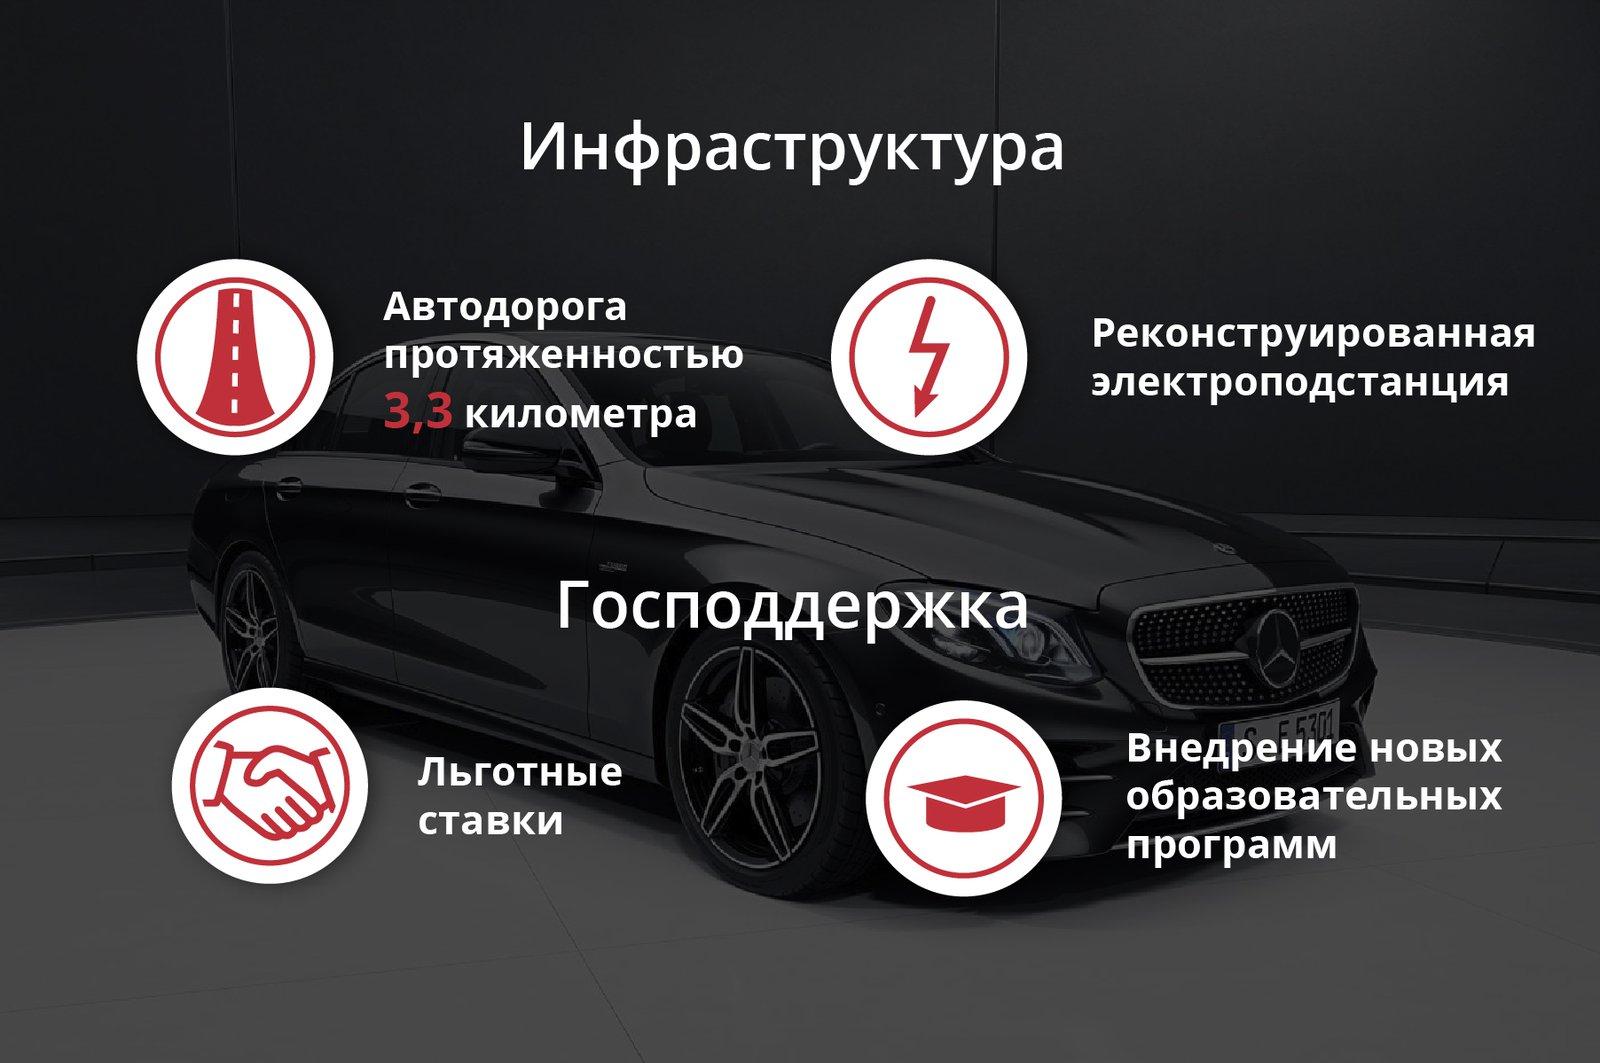 Андрей Воробьев губернатор московской области - Единственный в стране: первый в России завод Mercedes-Benz открылся в Подмосковье